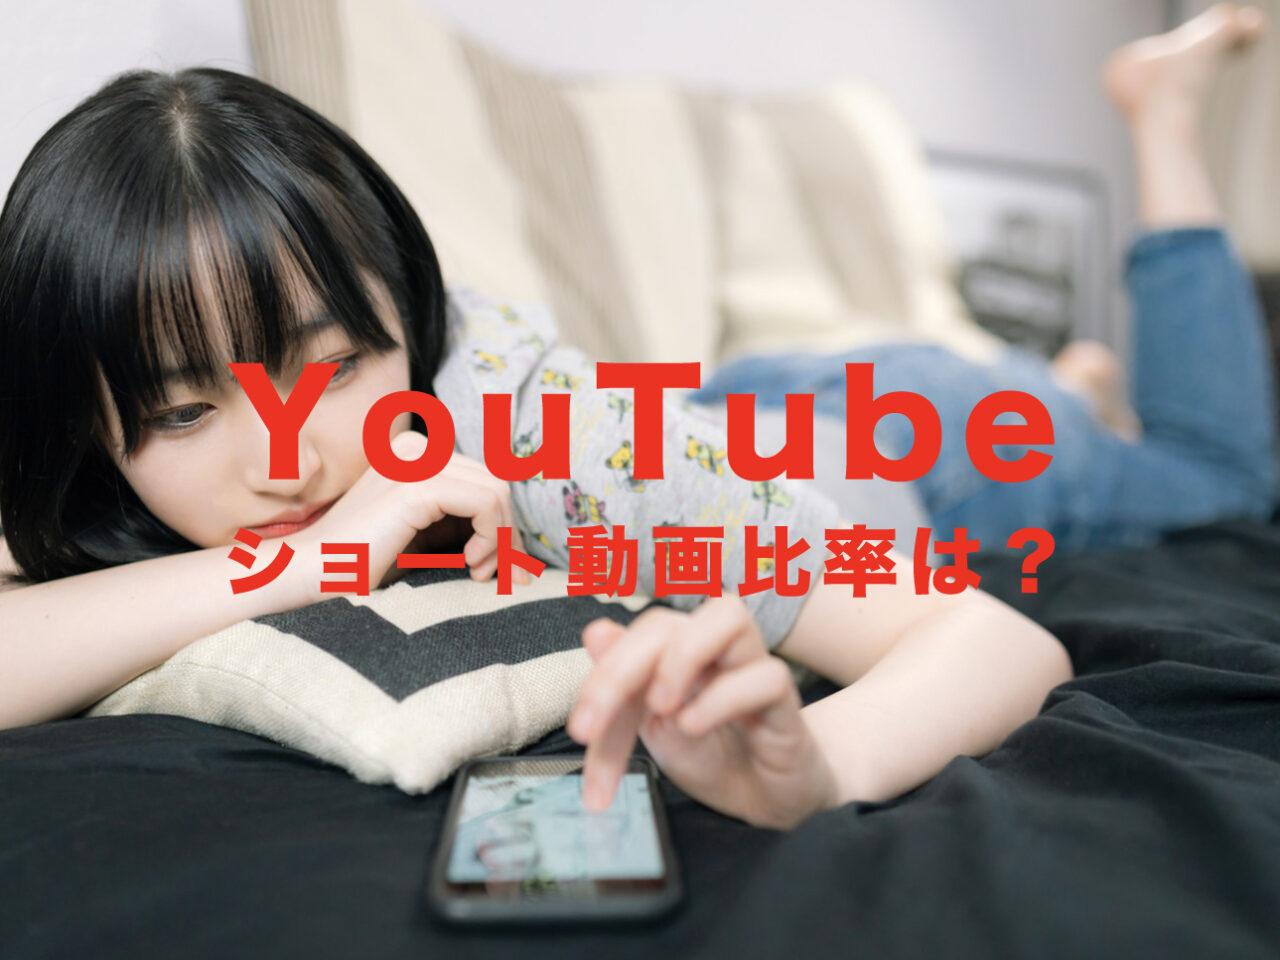 YouTube(ユーチューブ)のショート動画の比率は?アスペクト比は9:16?のサムネイル画像